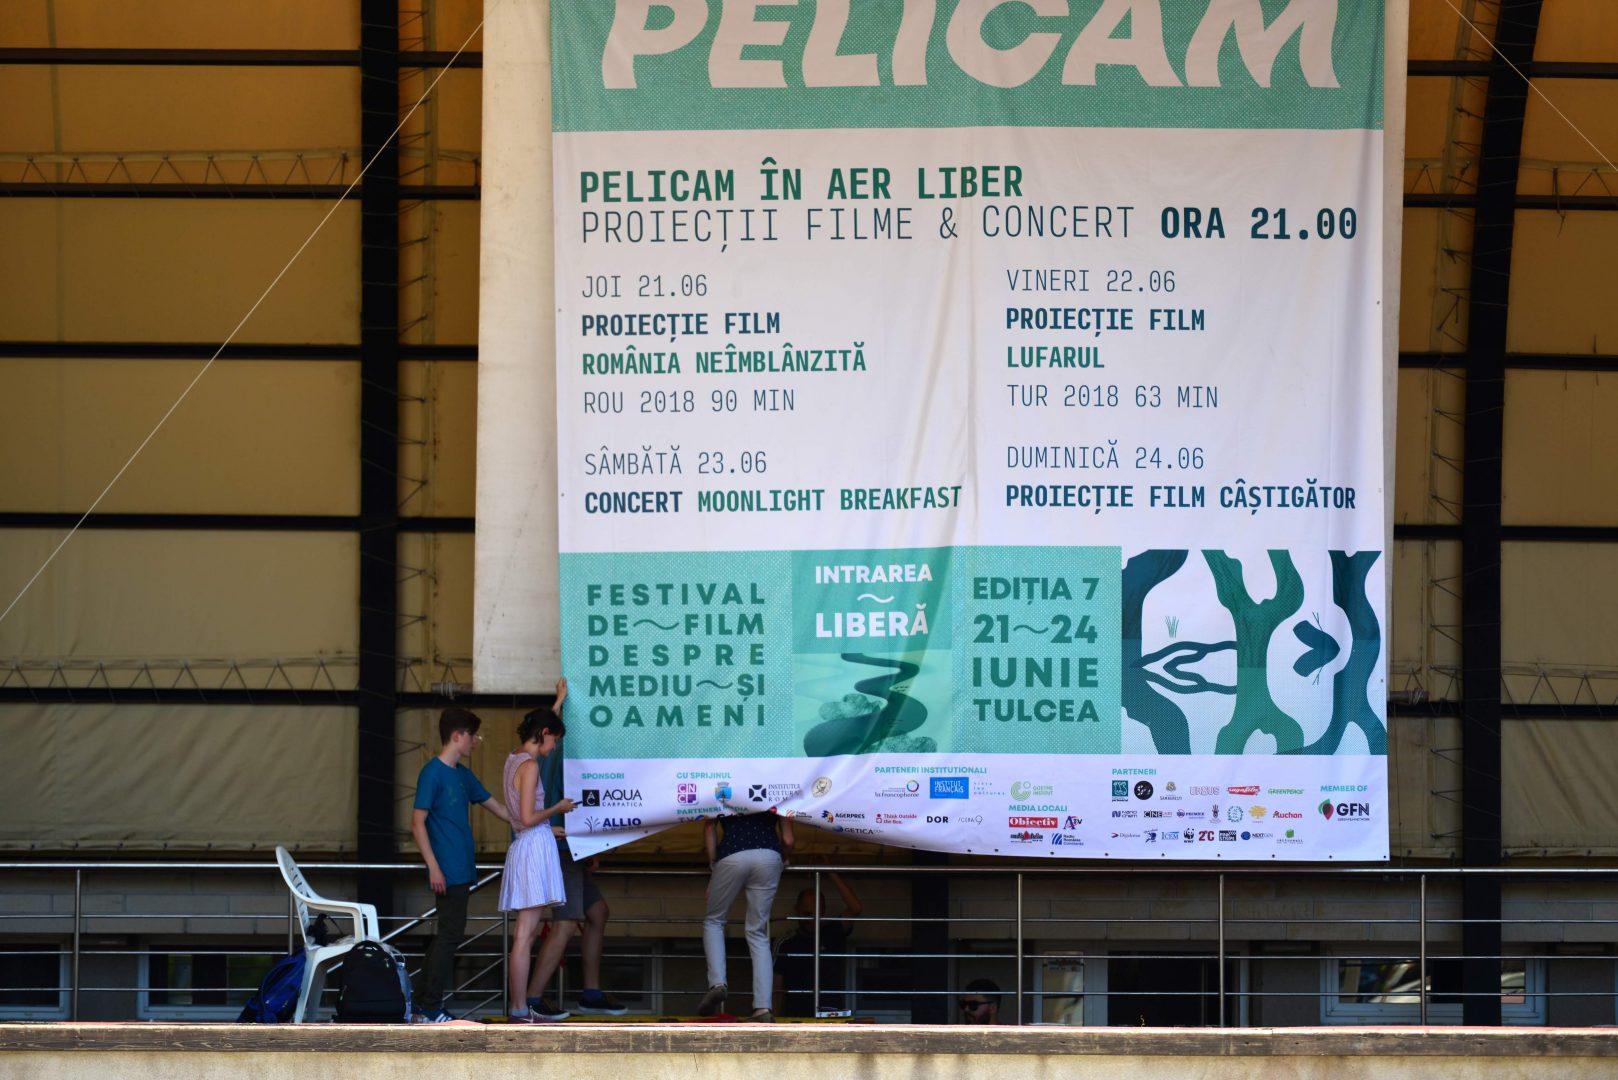 Astăzi începe Pelicam 2018: patru zile de filme, dezbateri, expoziții, concert